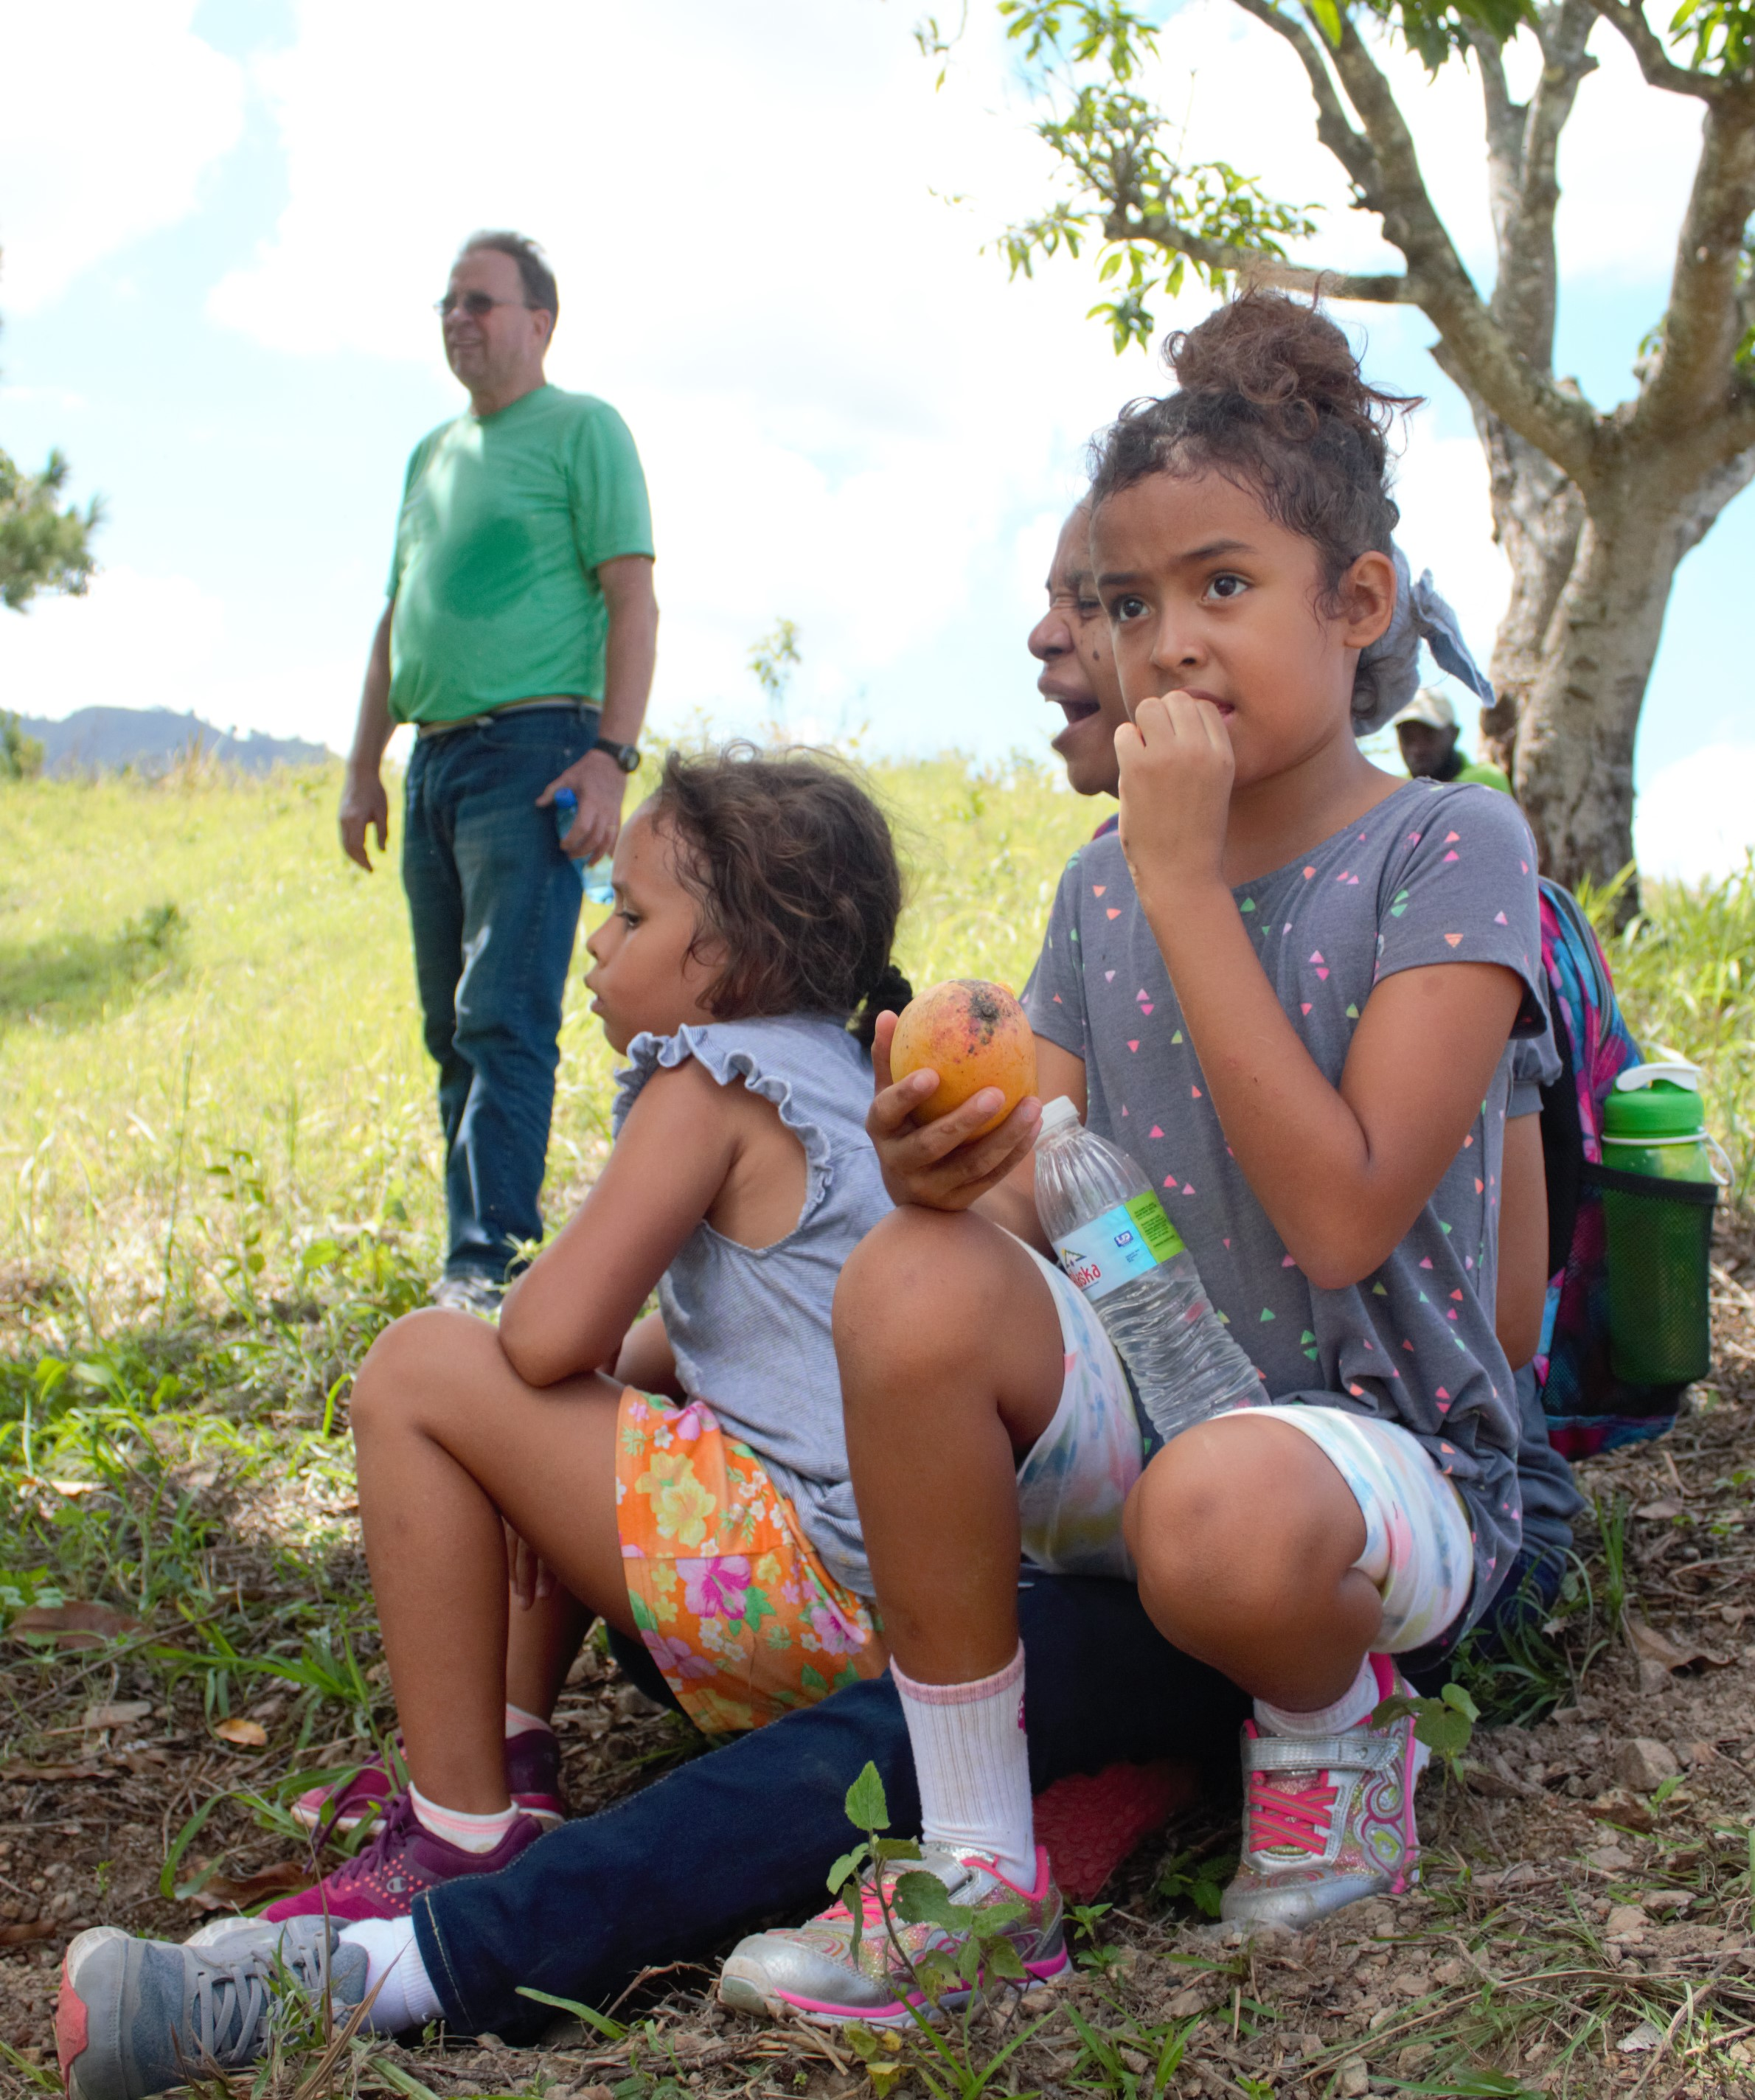 Keila y Annika tomando un descanso con Jenny en el paseo para visitar la comunidad de Mapou, en las montañas del centro y norte de Haití. El mango en la mano de Keila pudo haber venido del árbol a la derecha.